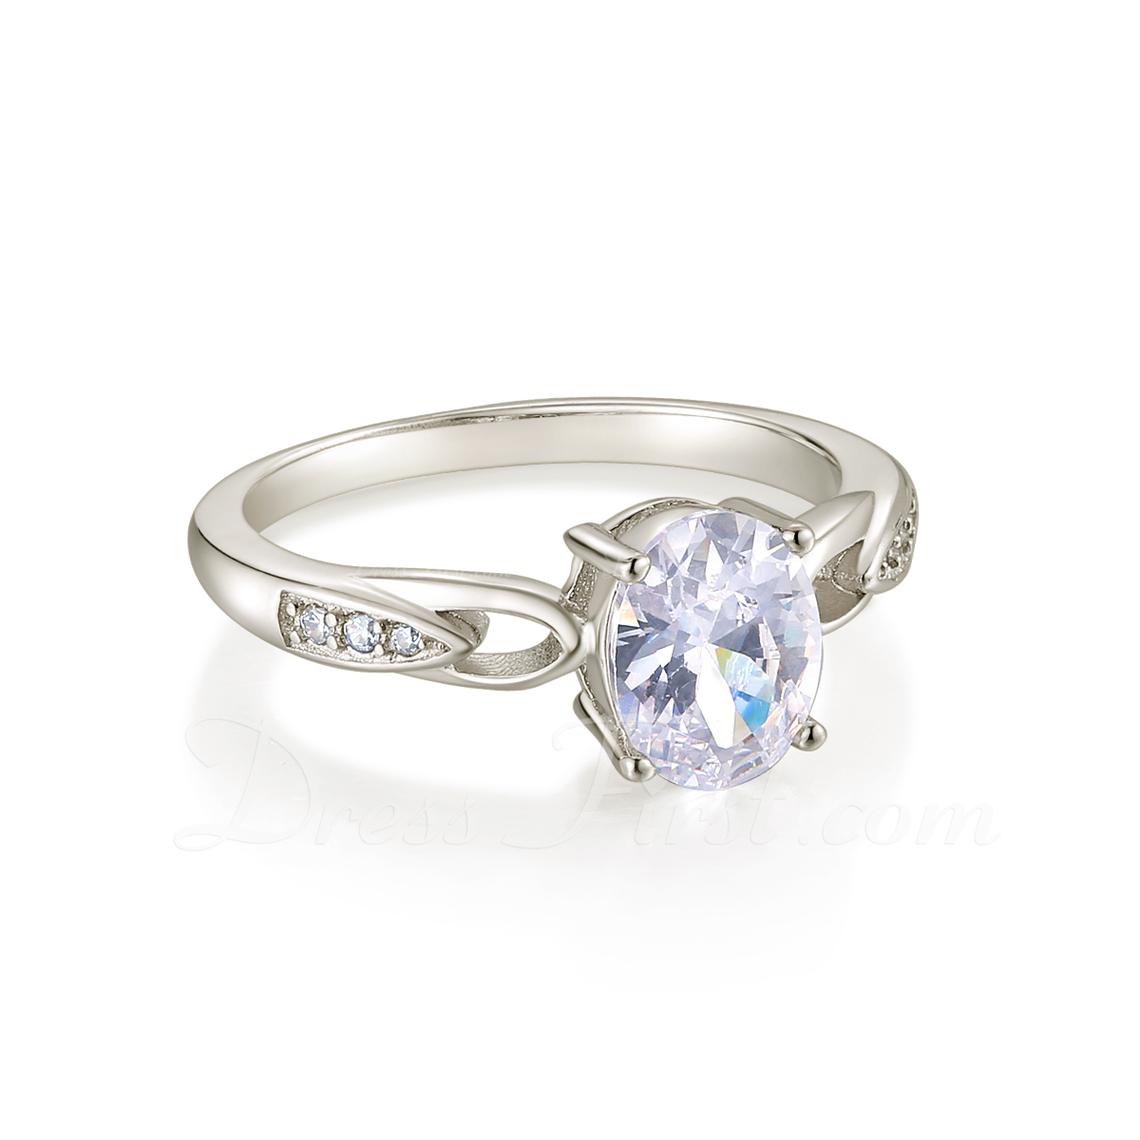 Sterling zilver Zirconia Sierlijk Met Elkaar Verweven Ovale Snit Verlovings ringen Belofte ringen -